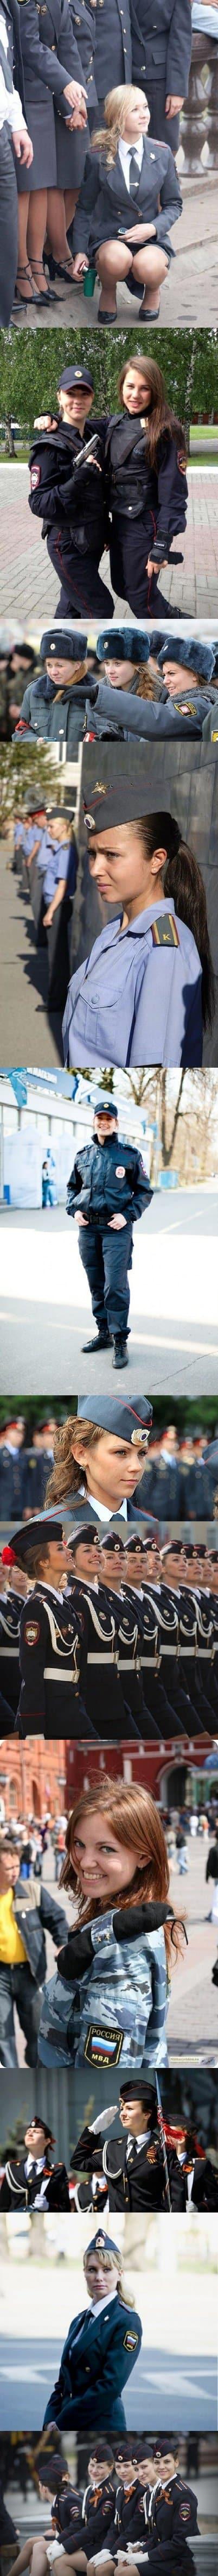 sexy Polizei